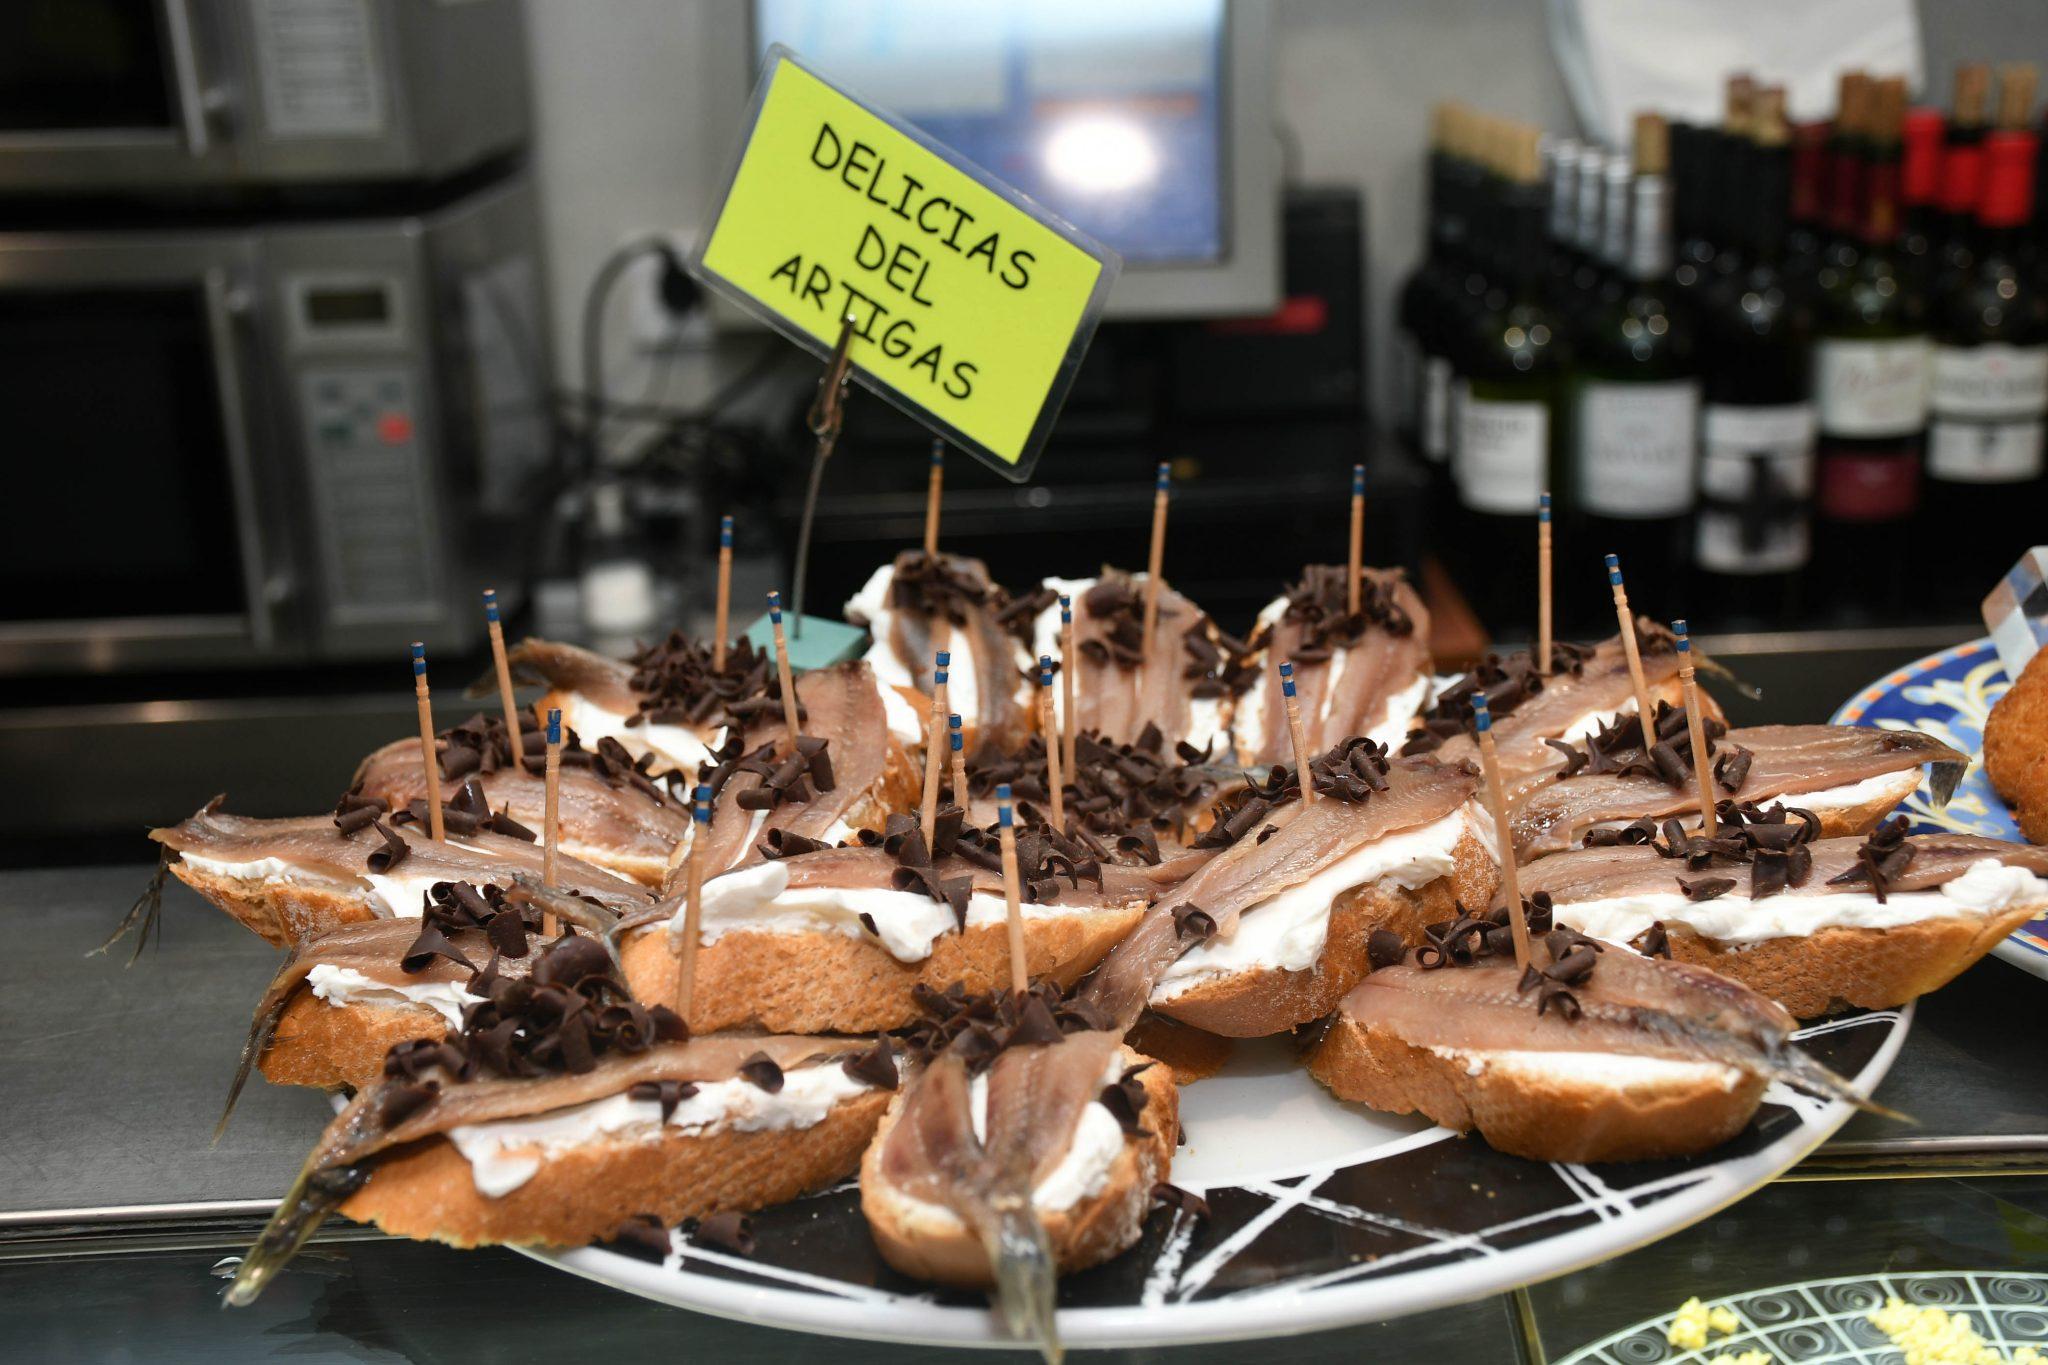 05. Delicias del Artigas